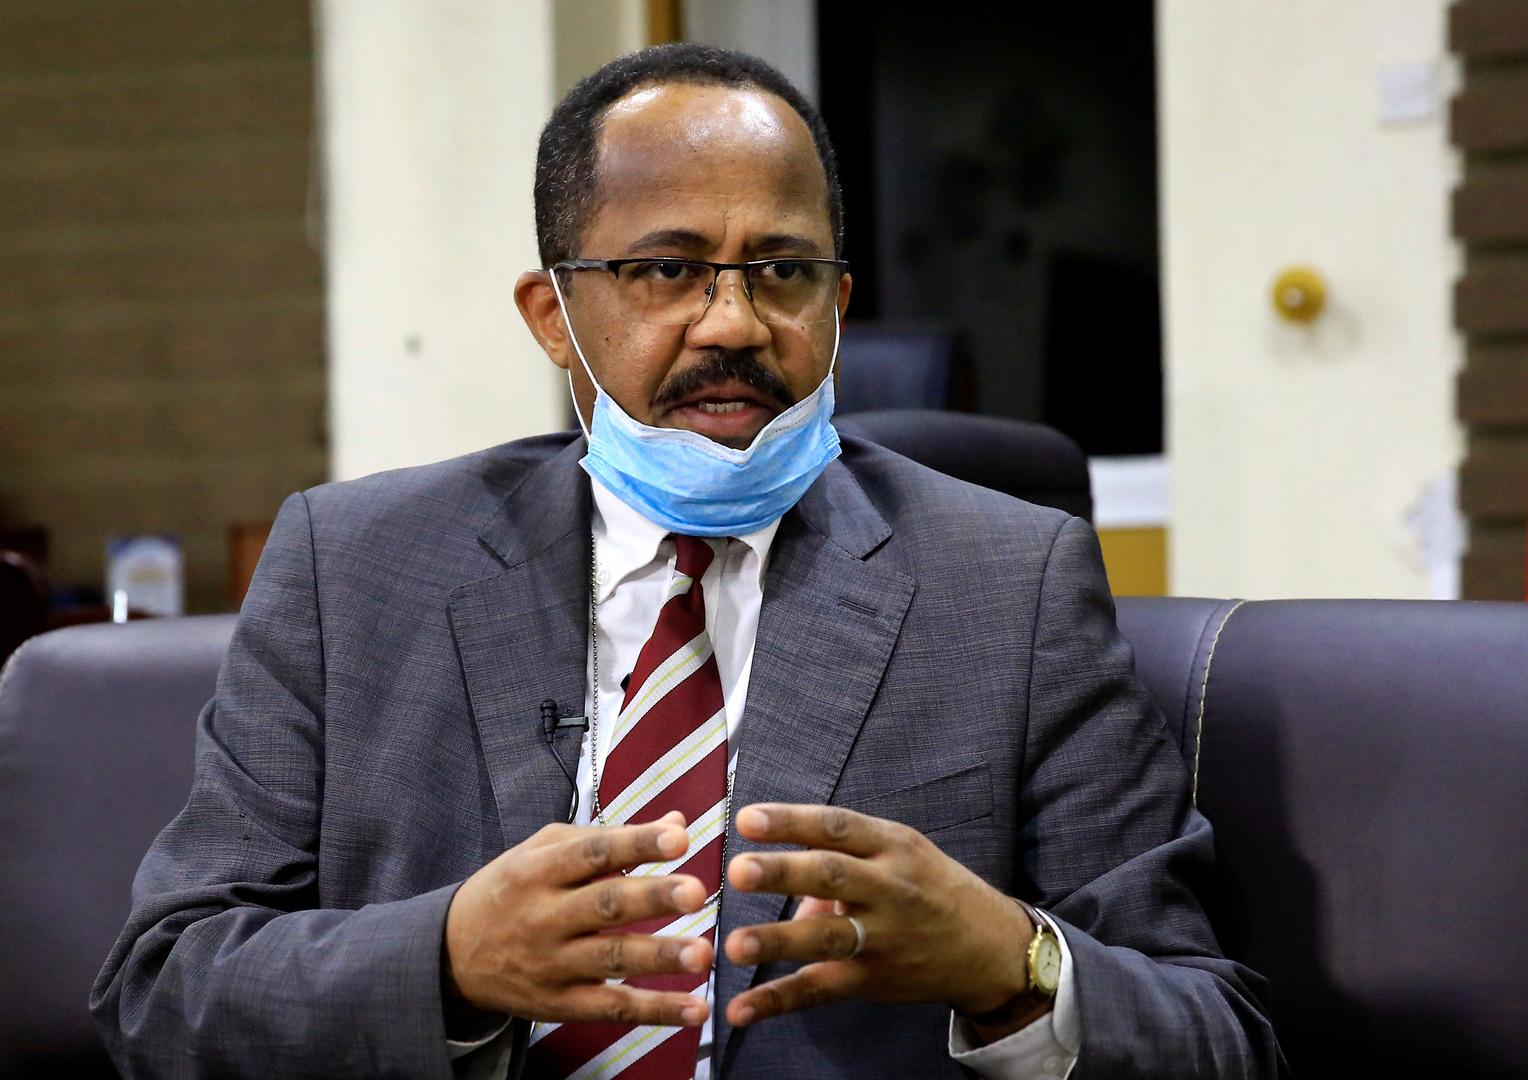 السودان.. 174 إصابة بفيروس كورونا و13 حالة وفاة خلال الساعات الـ24 الماضية